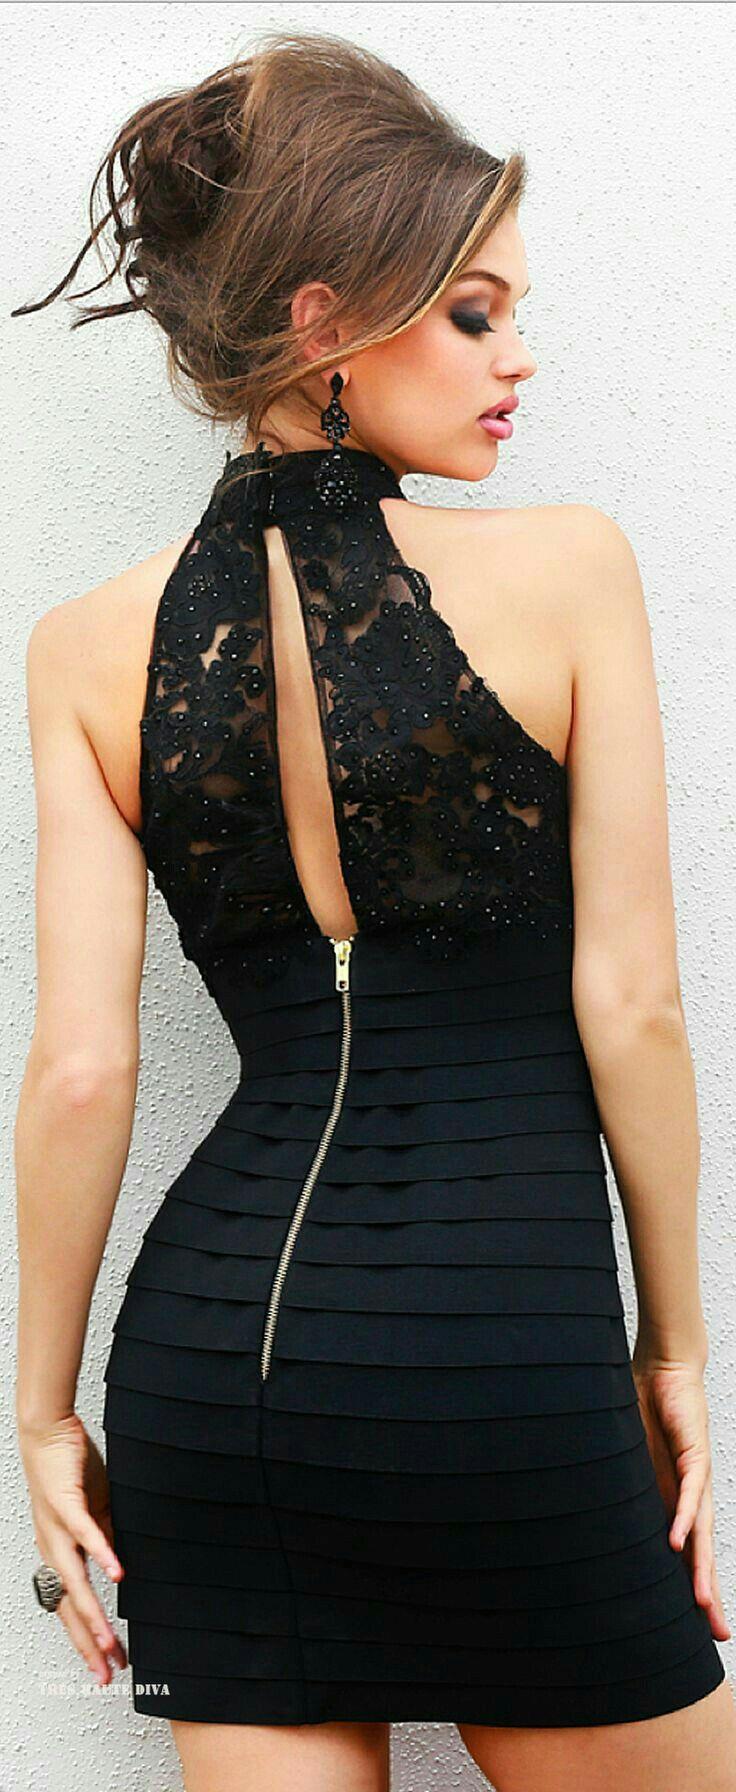 416 besten short dresses Bilder auf Pinterest   Alter, Ausschnitt ...